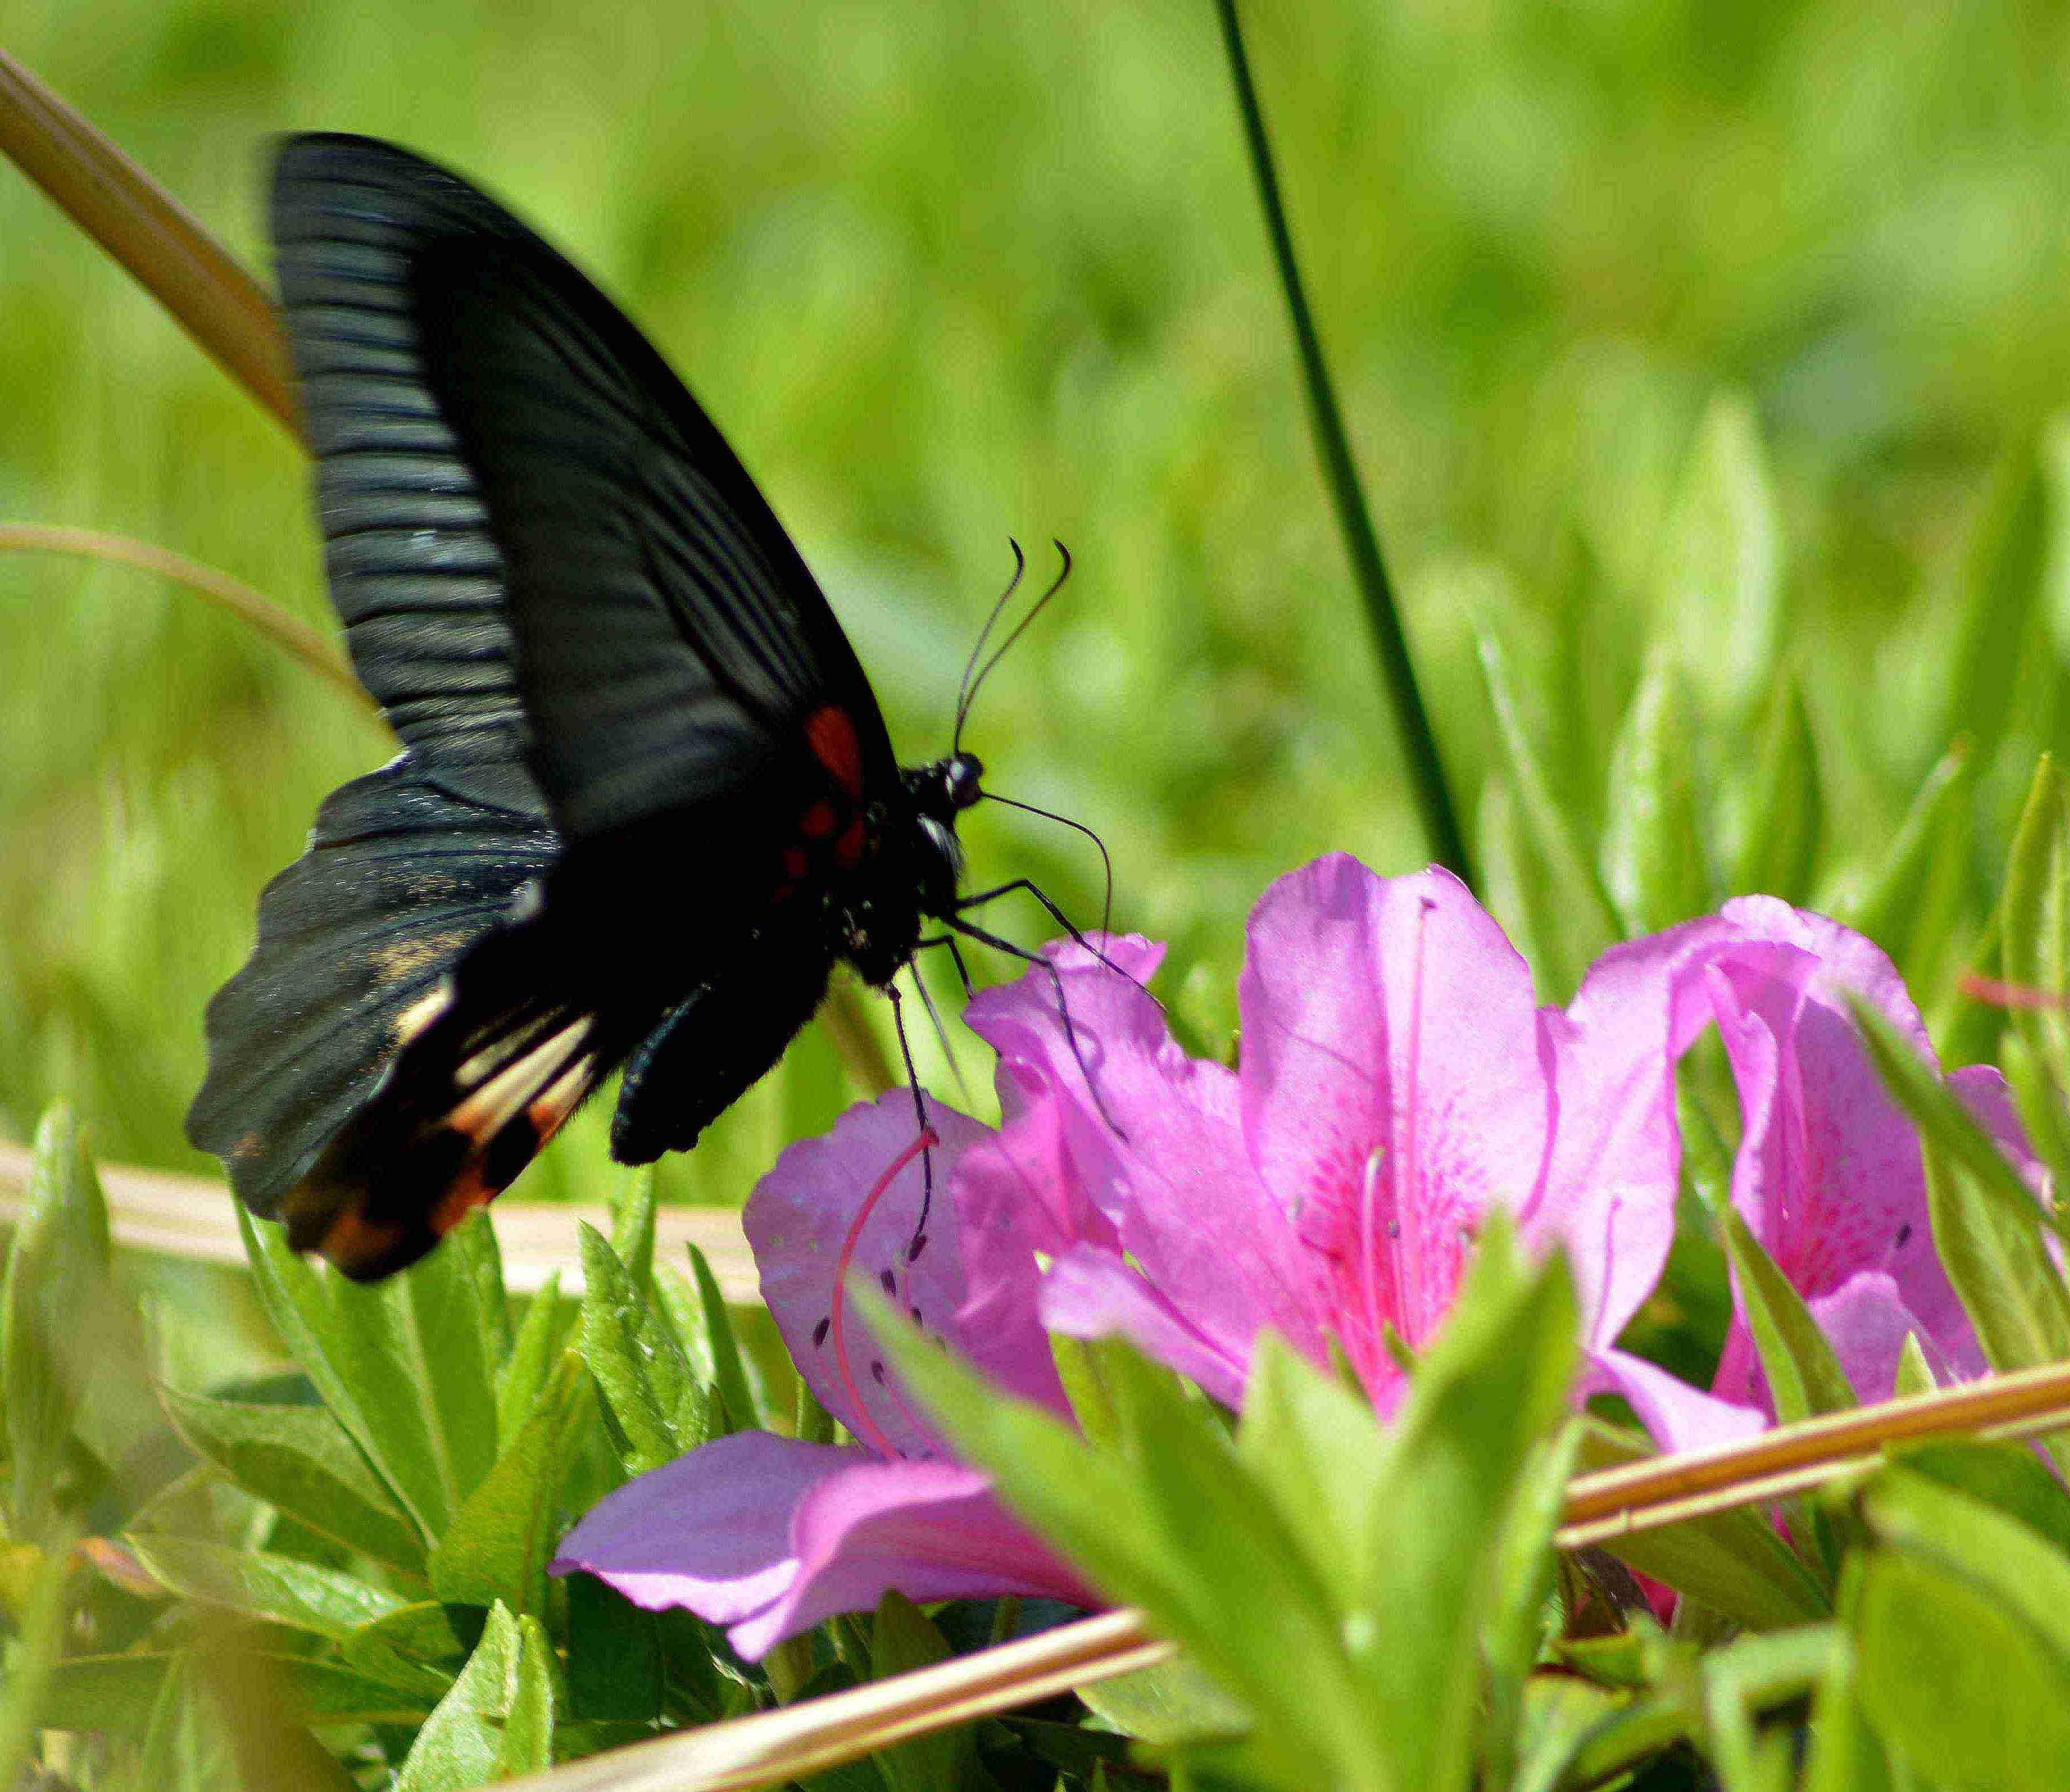 ナガサキアゲハ 超巨大な蝶です_d0254540_1362937.jpg